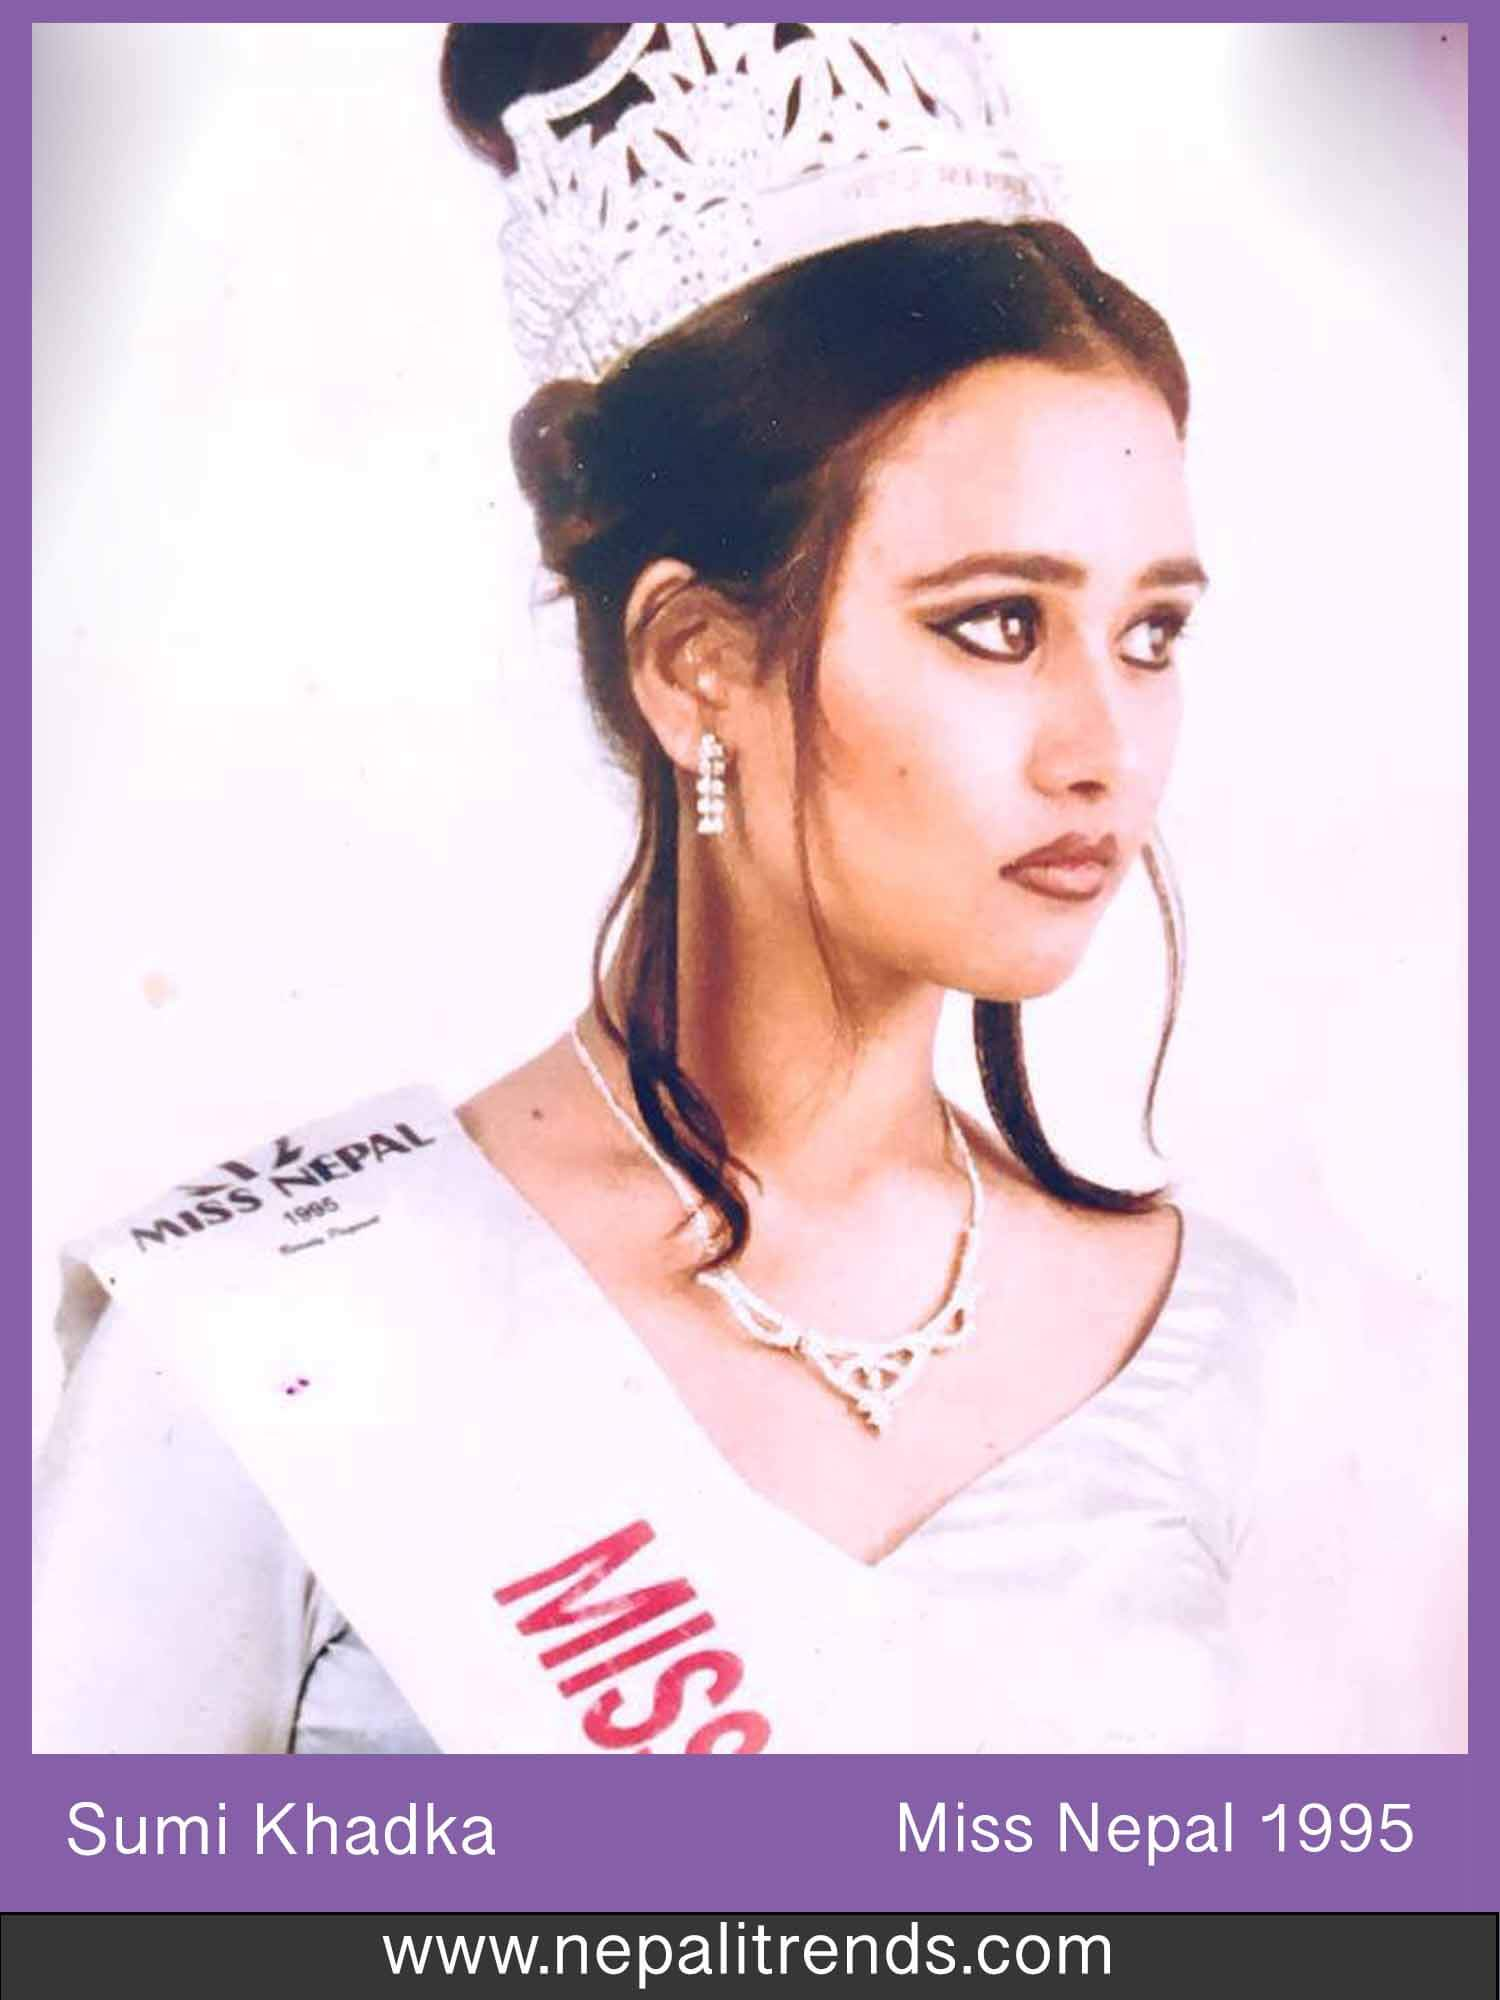 Sumi Khadka Miss Nepal 1995